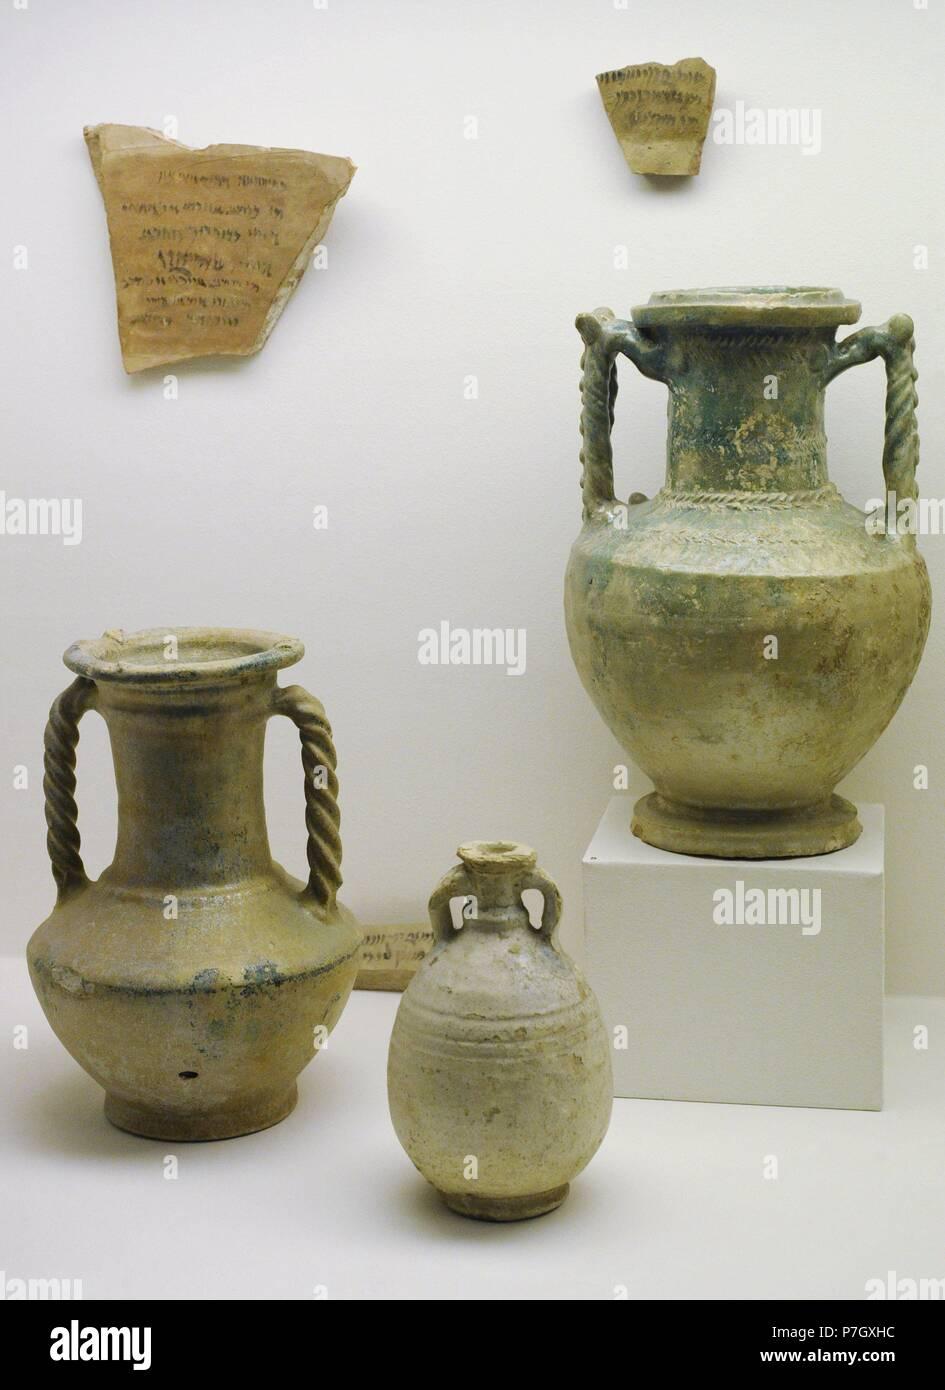 In der Nähe von Osten. Iranische glasierte Keramik. 2. bis 3. Jahrhundert n. Chr.. Die Eremitage. Sankt Petersburg. Russland. Stockfoto